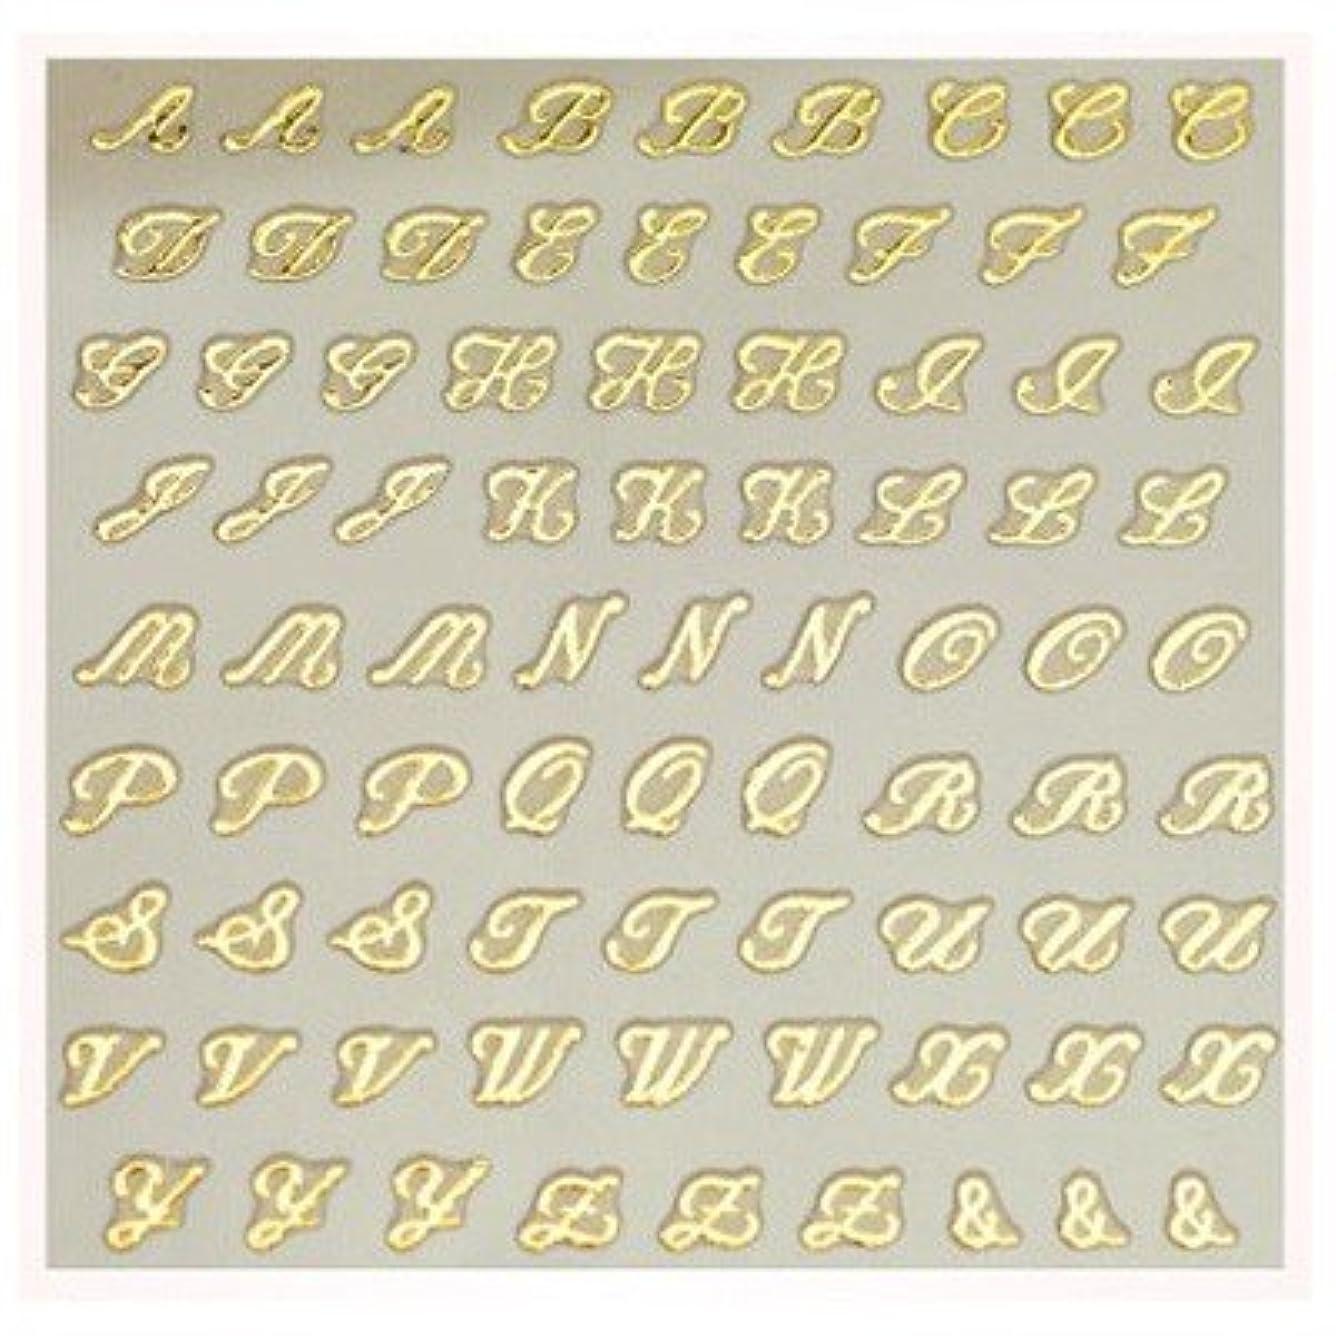 重要センサー祖父母を訪問文字ネイルシール アルファベット イニシャル ピアドラ pieadra×BLC ネイルシール ブローチイニシャル 小 ゴールド